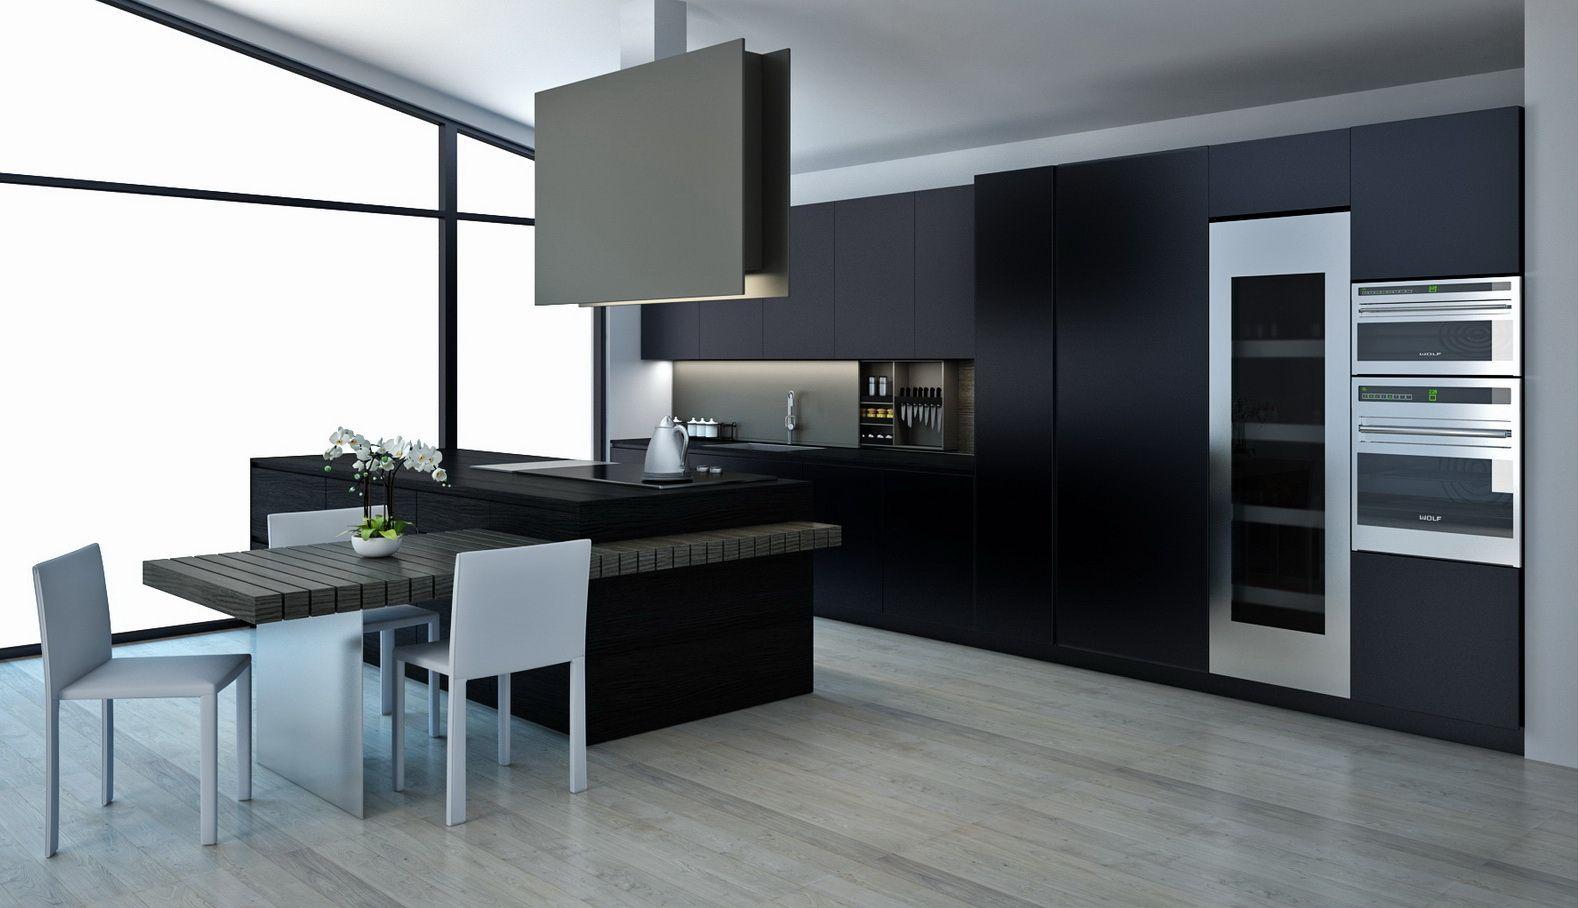 Modulnova cucine scillufo arredamenti palermo termini i - Design cucine moderne ...